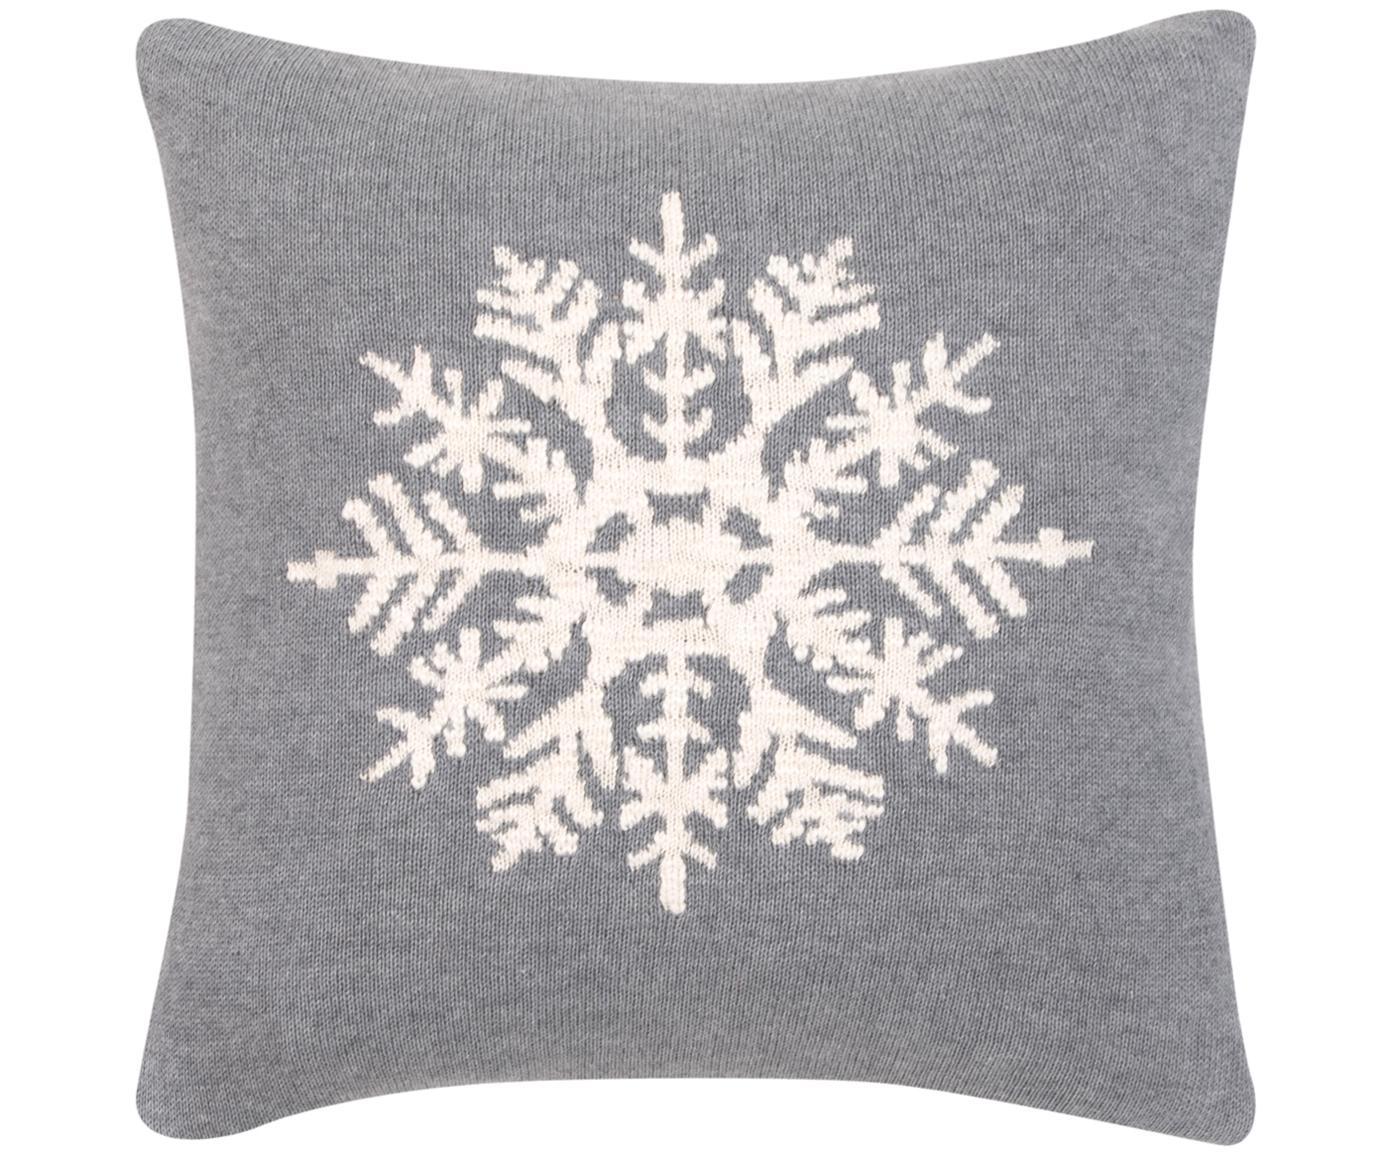 Kissenhülle Snowflake mit Schneeflockenmotiv, Baumwolle, Grau, Cremeweiß, 40 x 40 cm